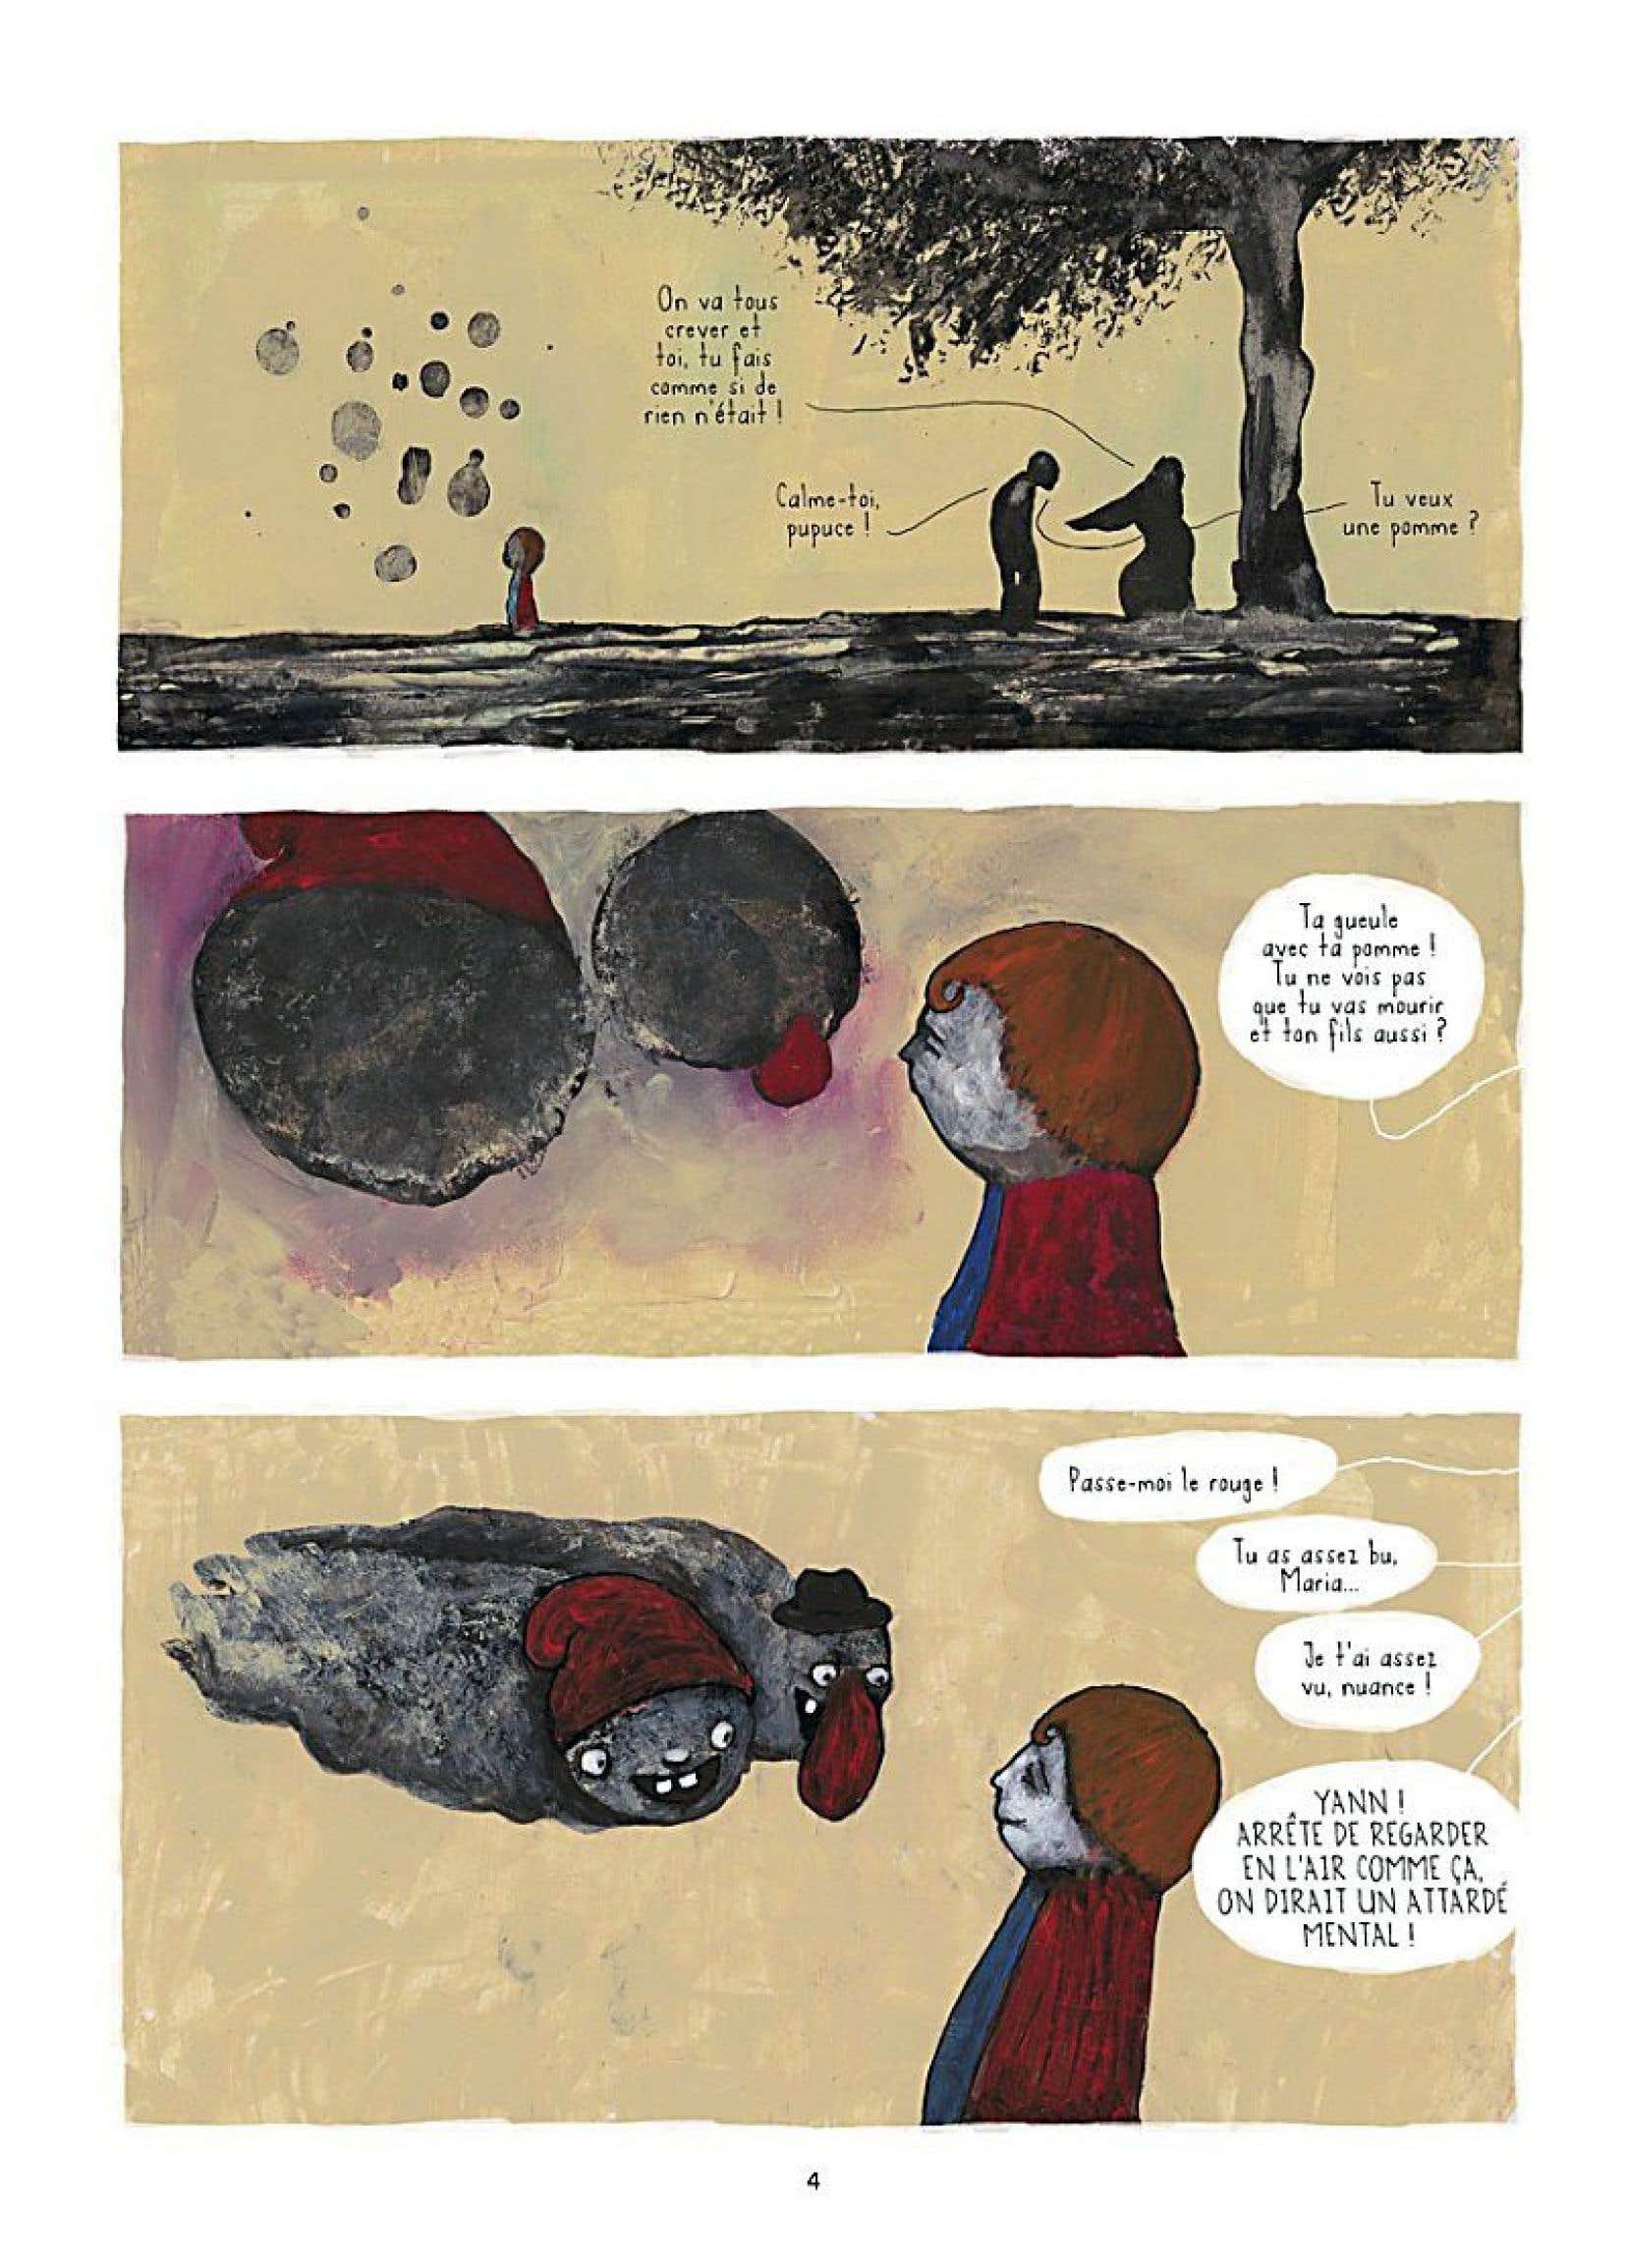 Le dessin a le trait violent et le décor fiévreux dans la bande dessinée «Mourir (ça n'existe pas)».